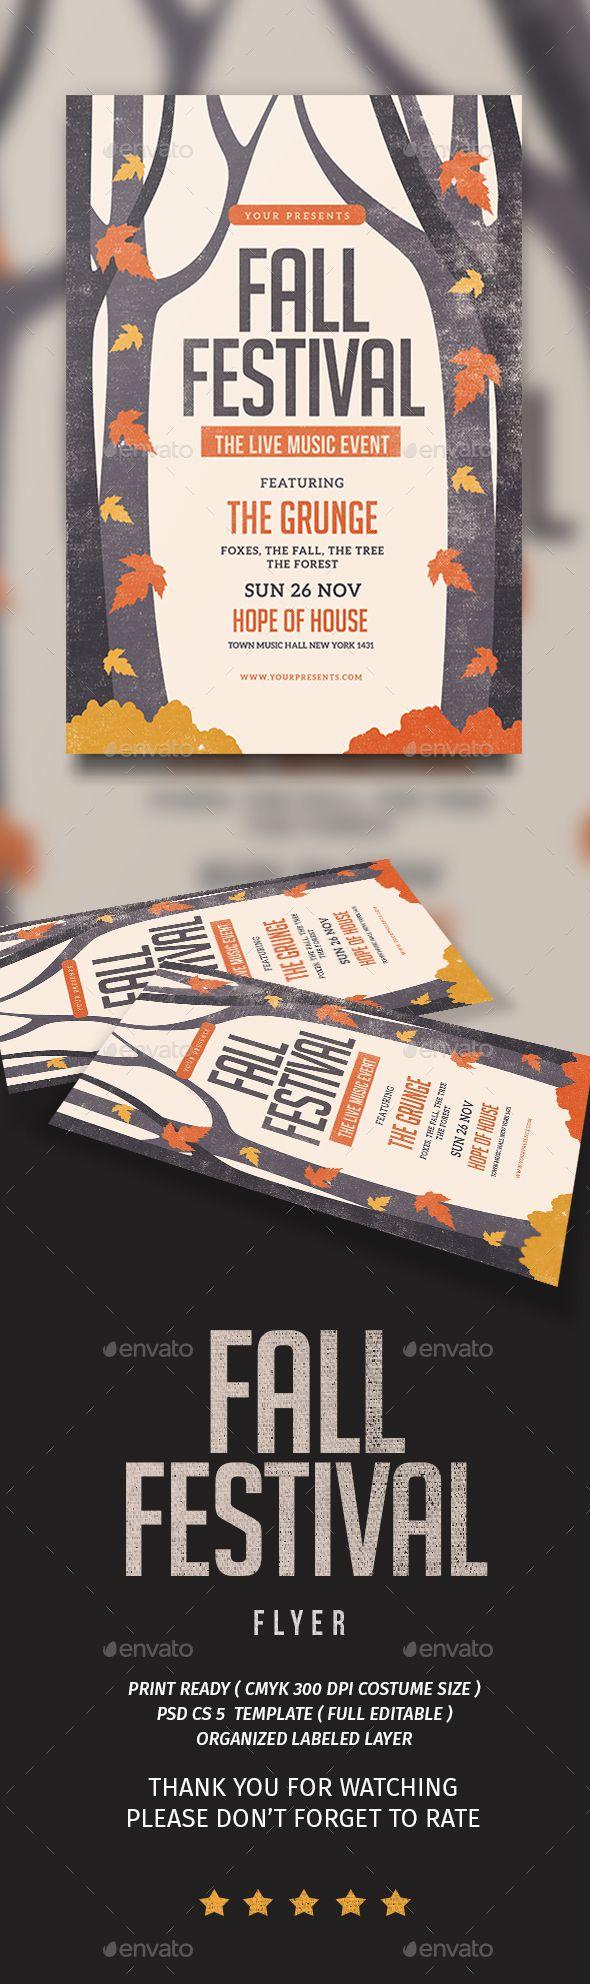 festival brochure design - best 25 fall festivals ideas on pinterest fall festival